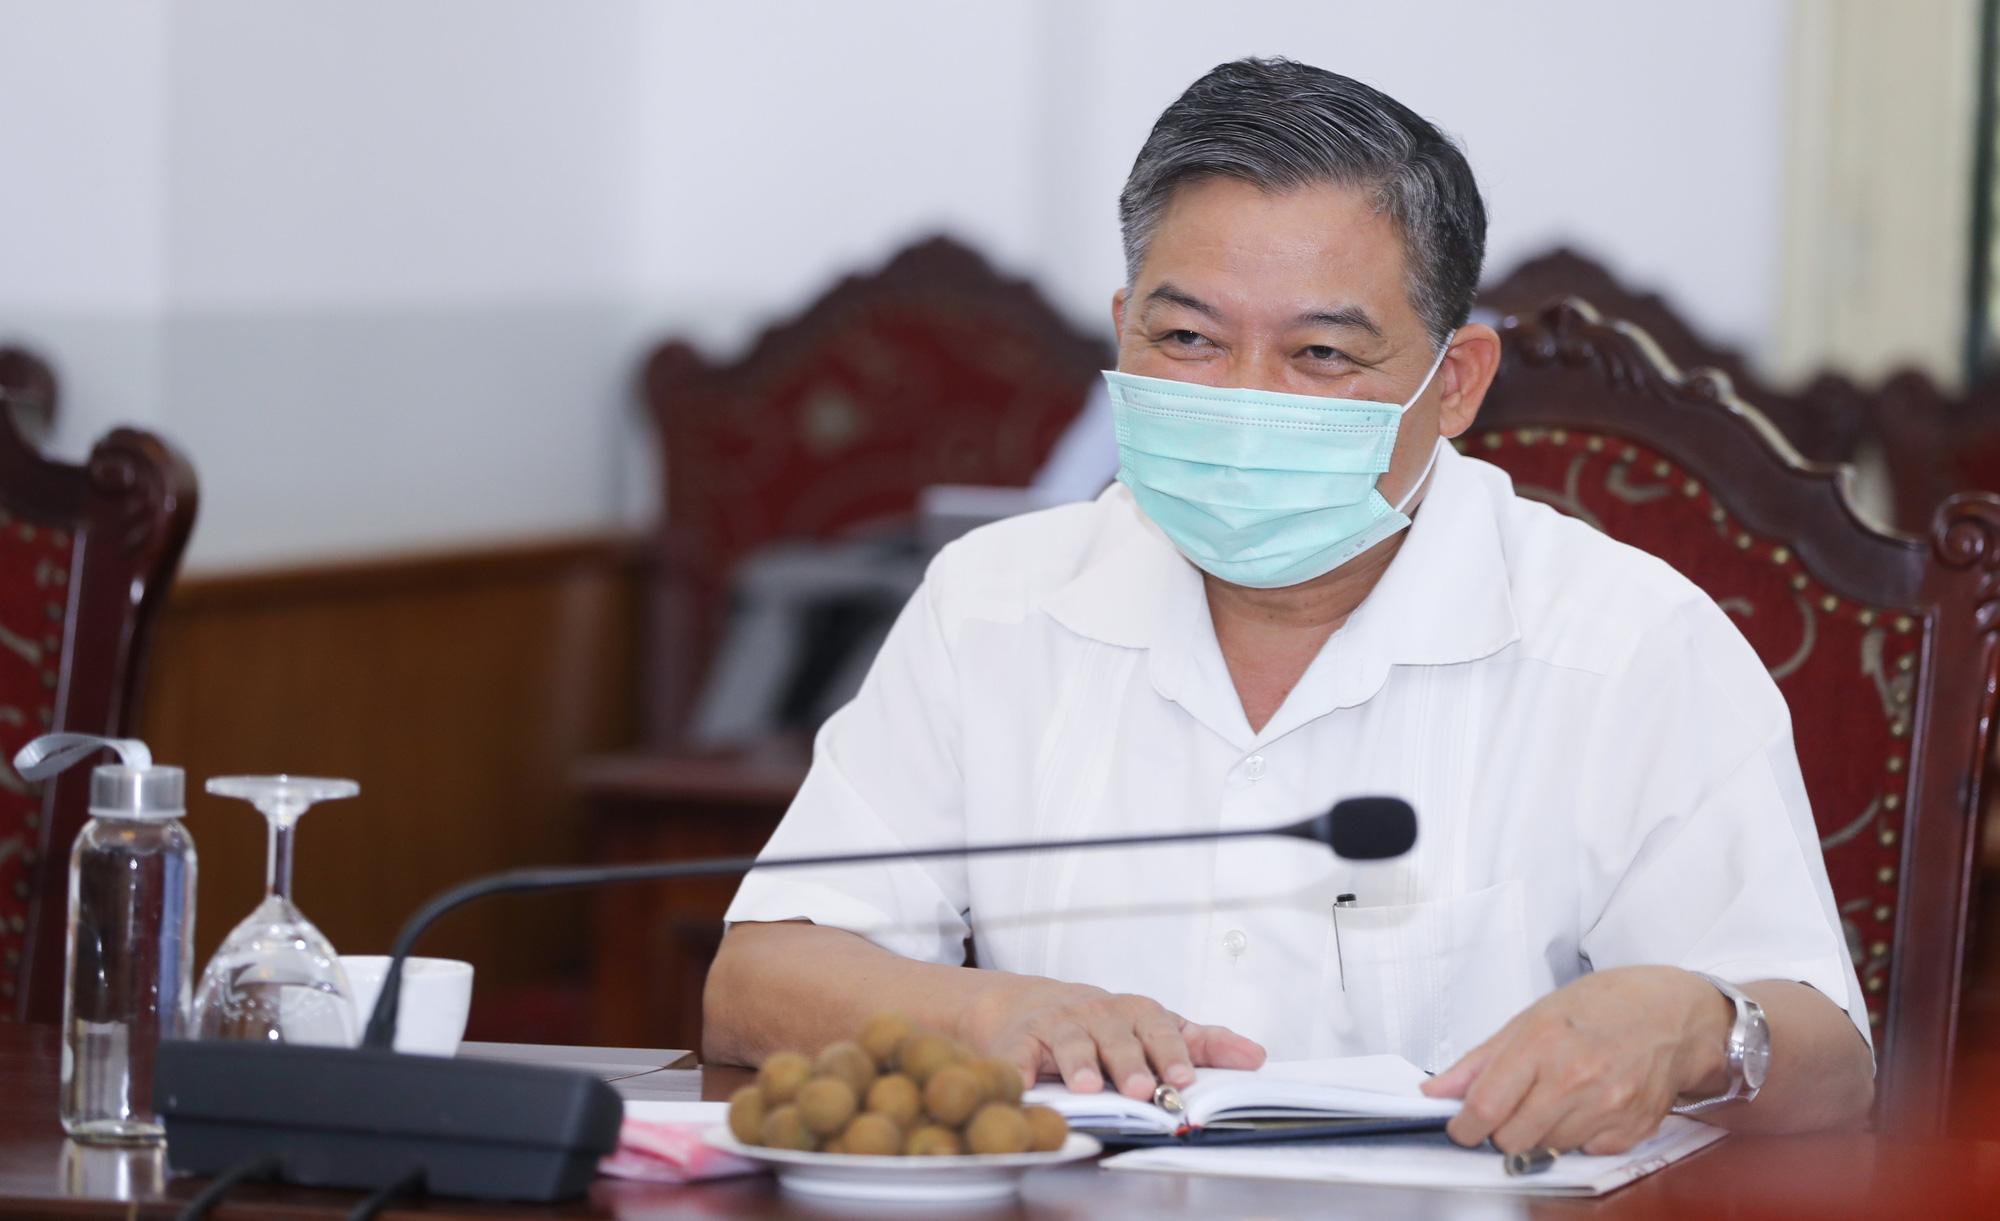 Thúc đẩy các hoạt động VHTTDL nhằm tăng cường mối quan hệ ngoại giao giữa Việt Nam-Campuchia - Ảnh 2.